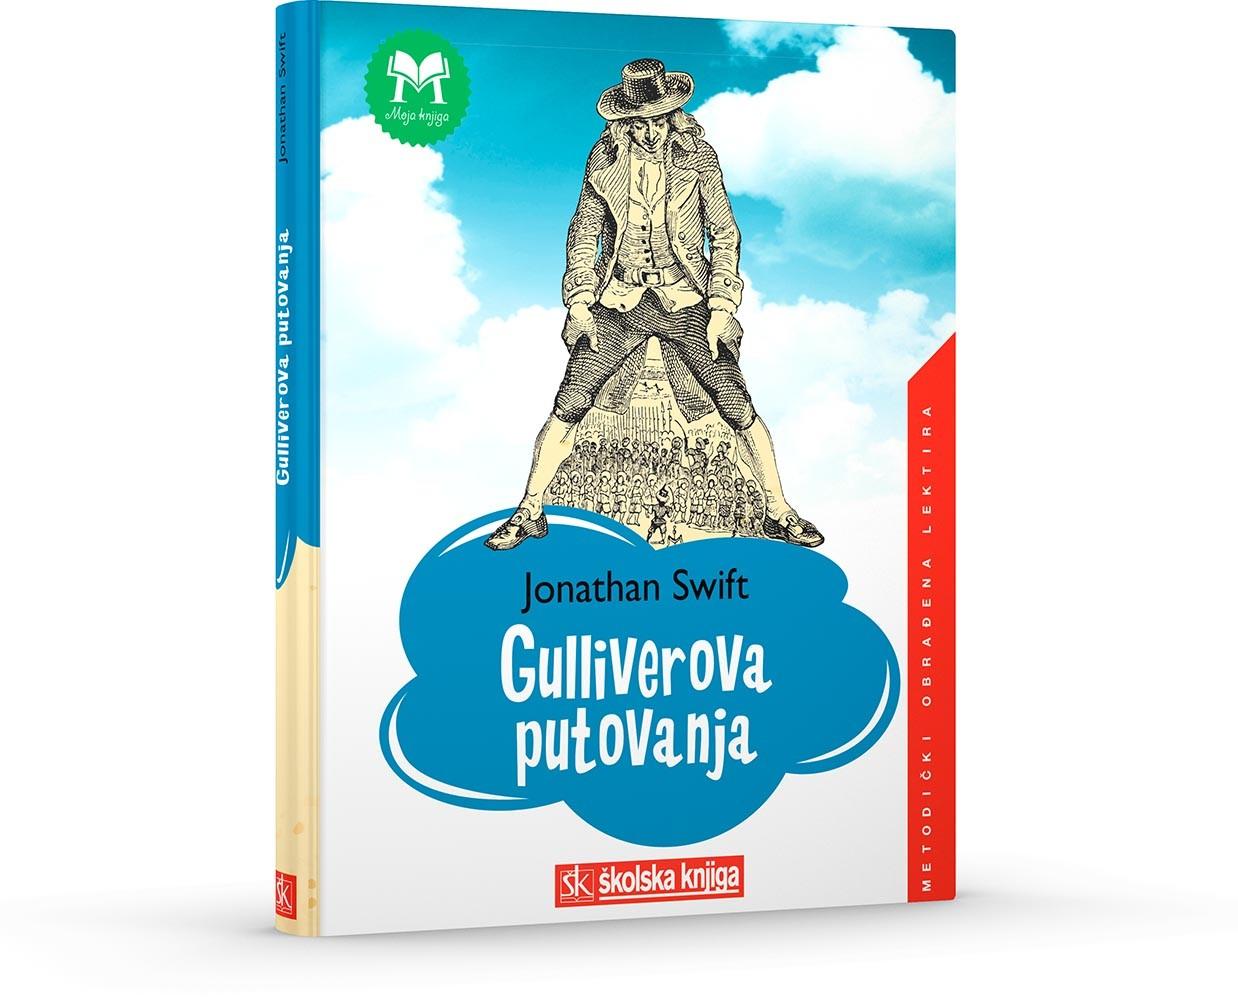 Gulliverova putovanja